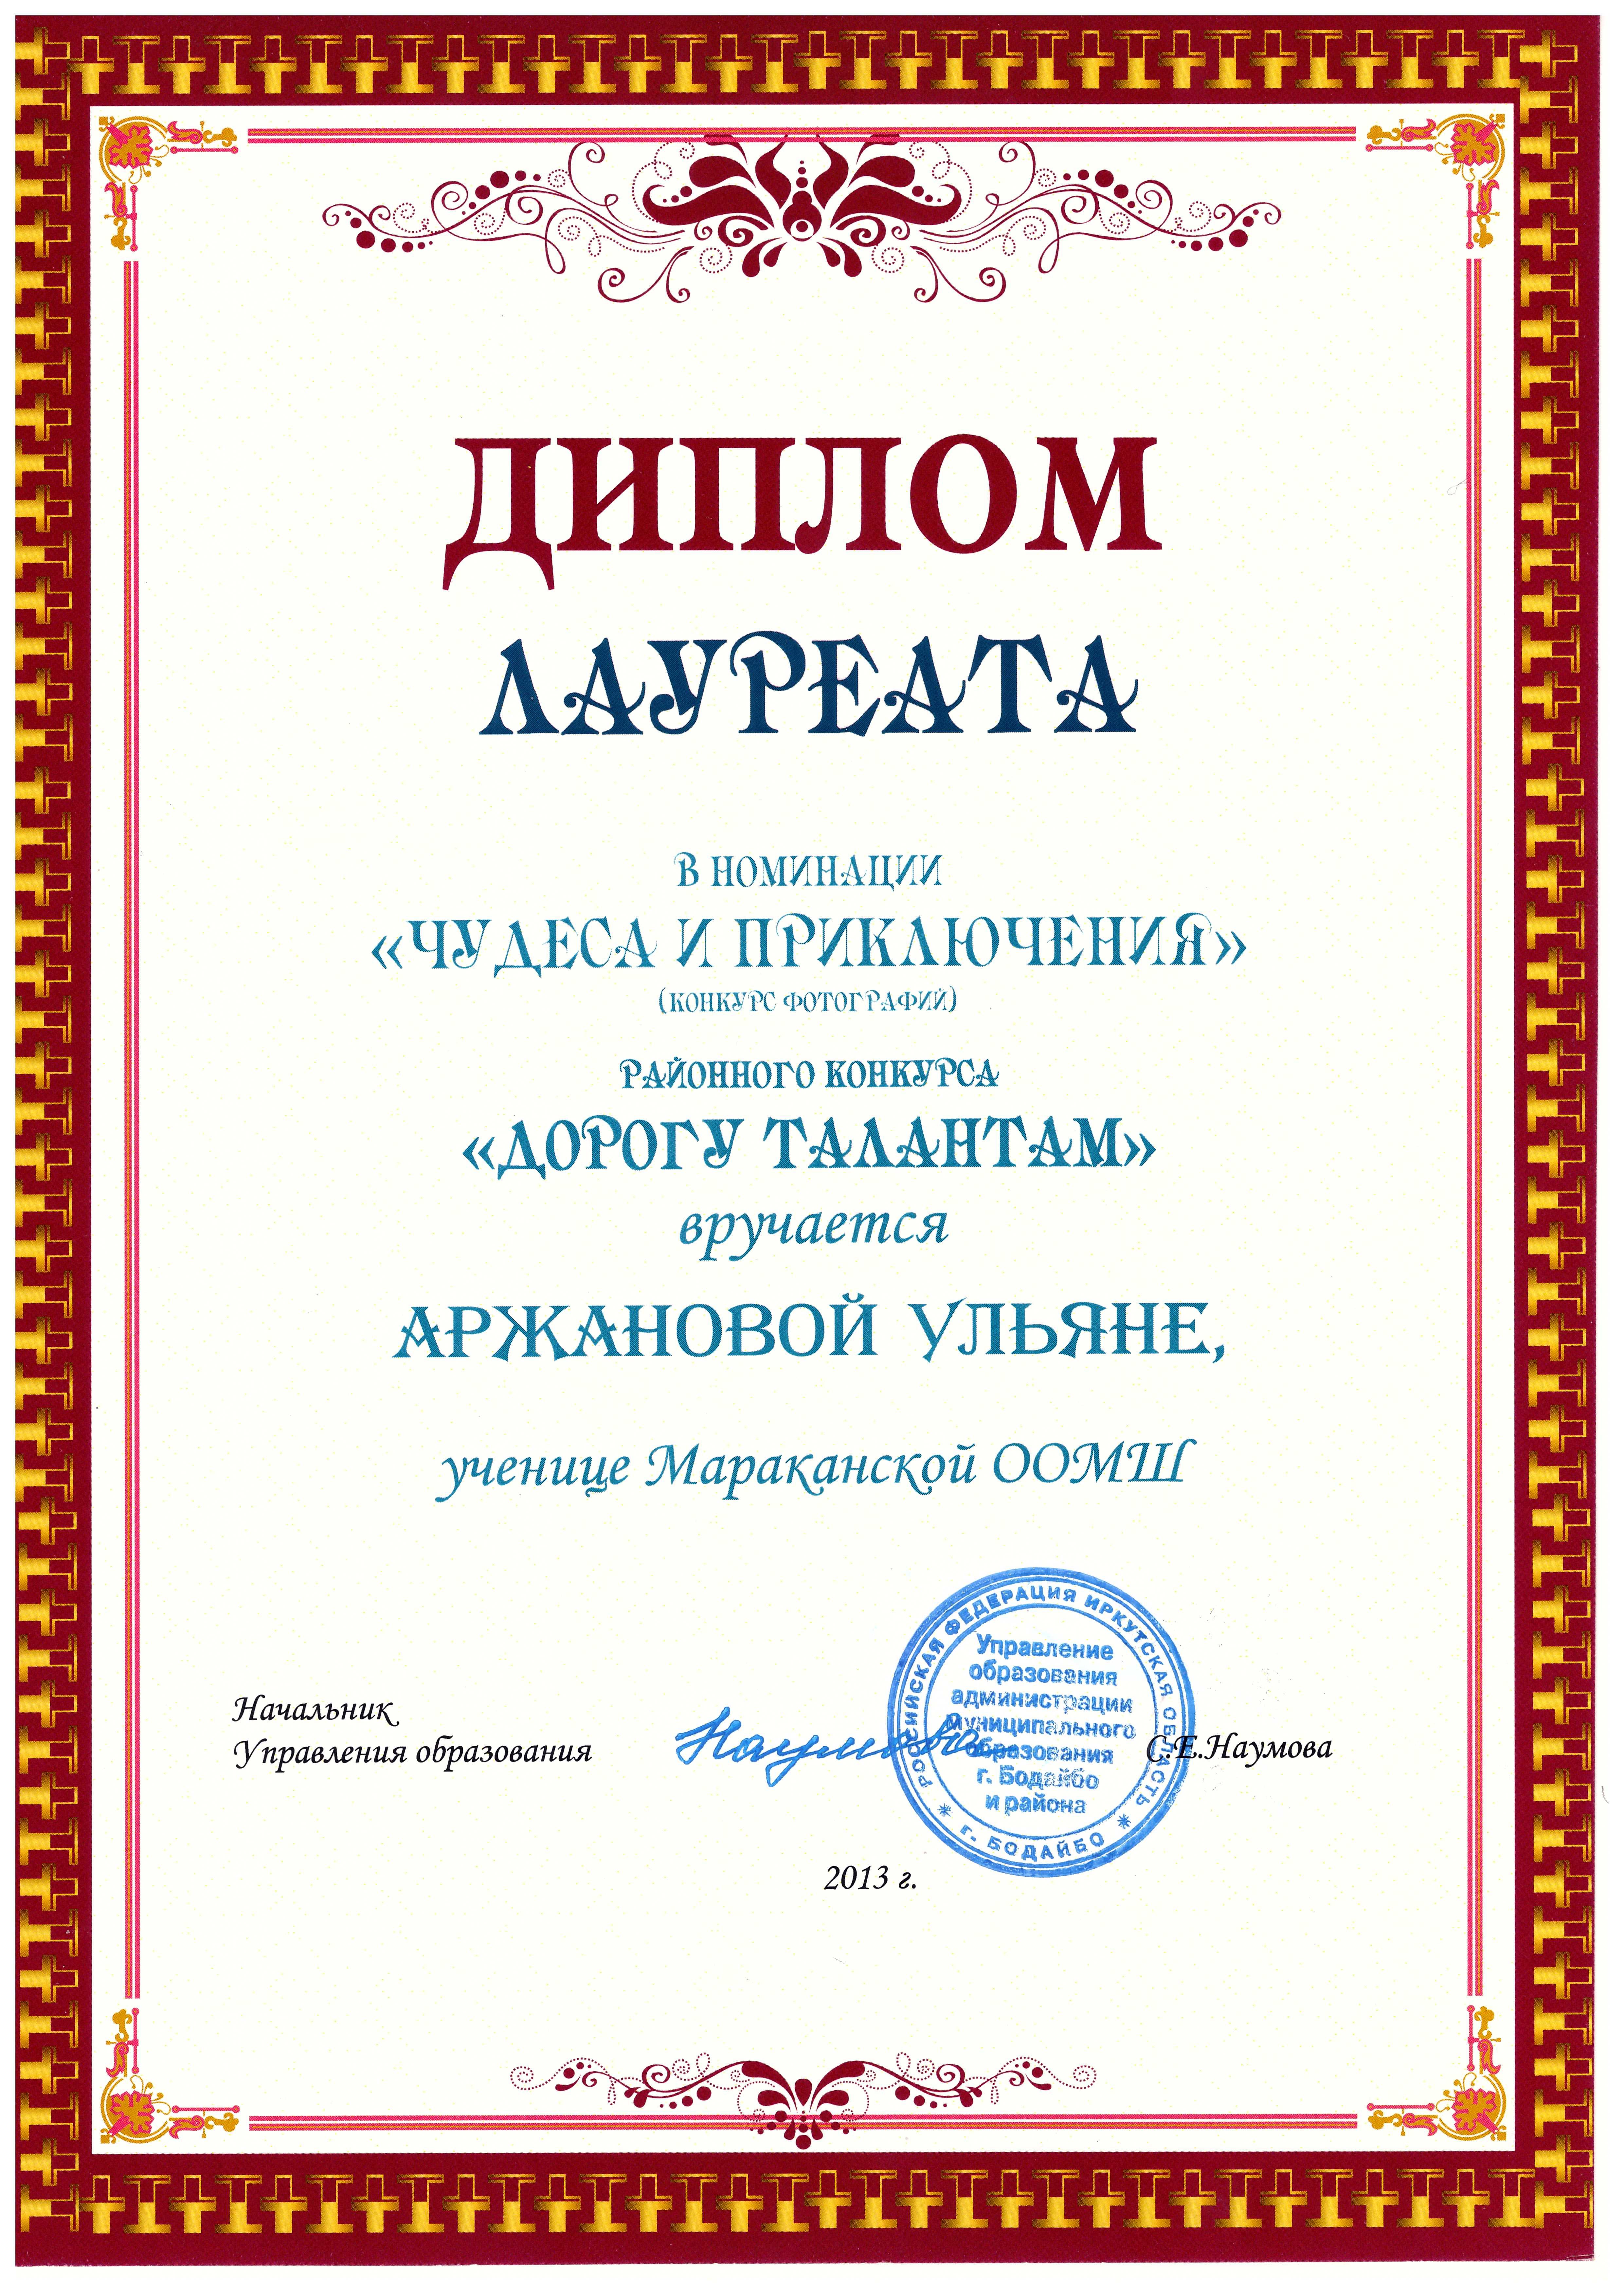 Грамота Аржановой Ульяны